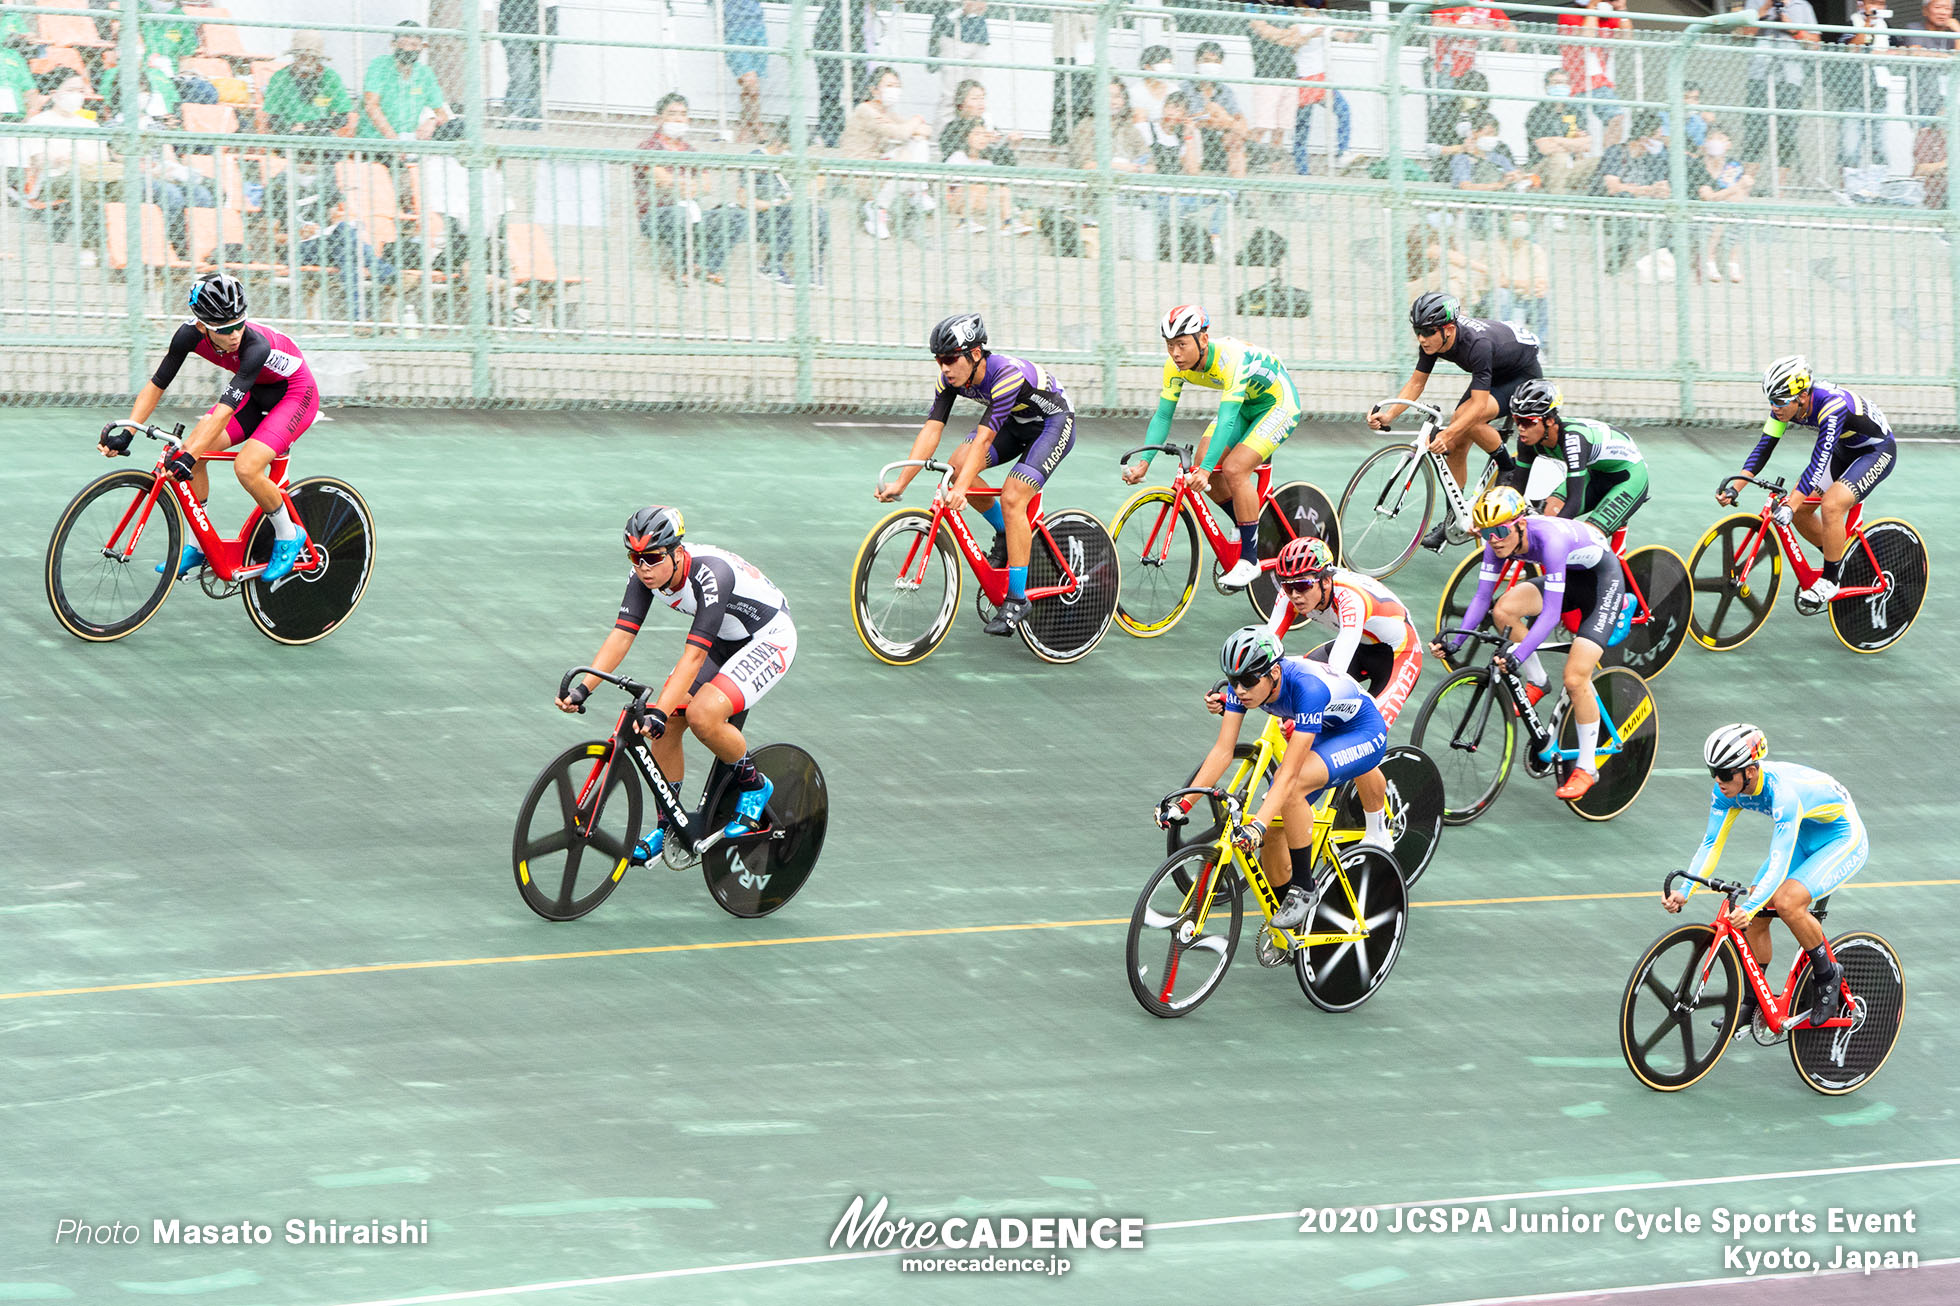 ポイントレース ジュニアサイクルスポーツ大会